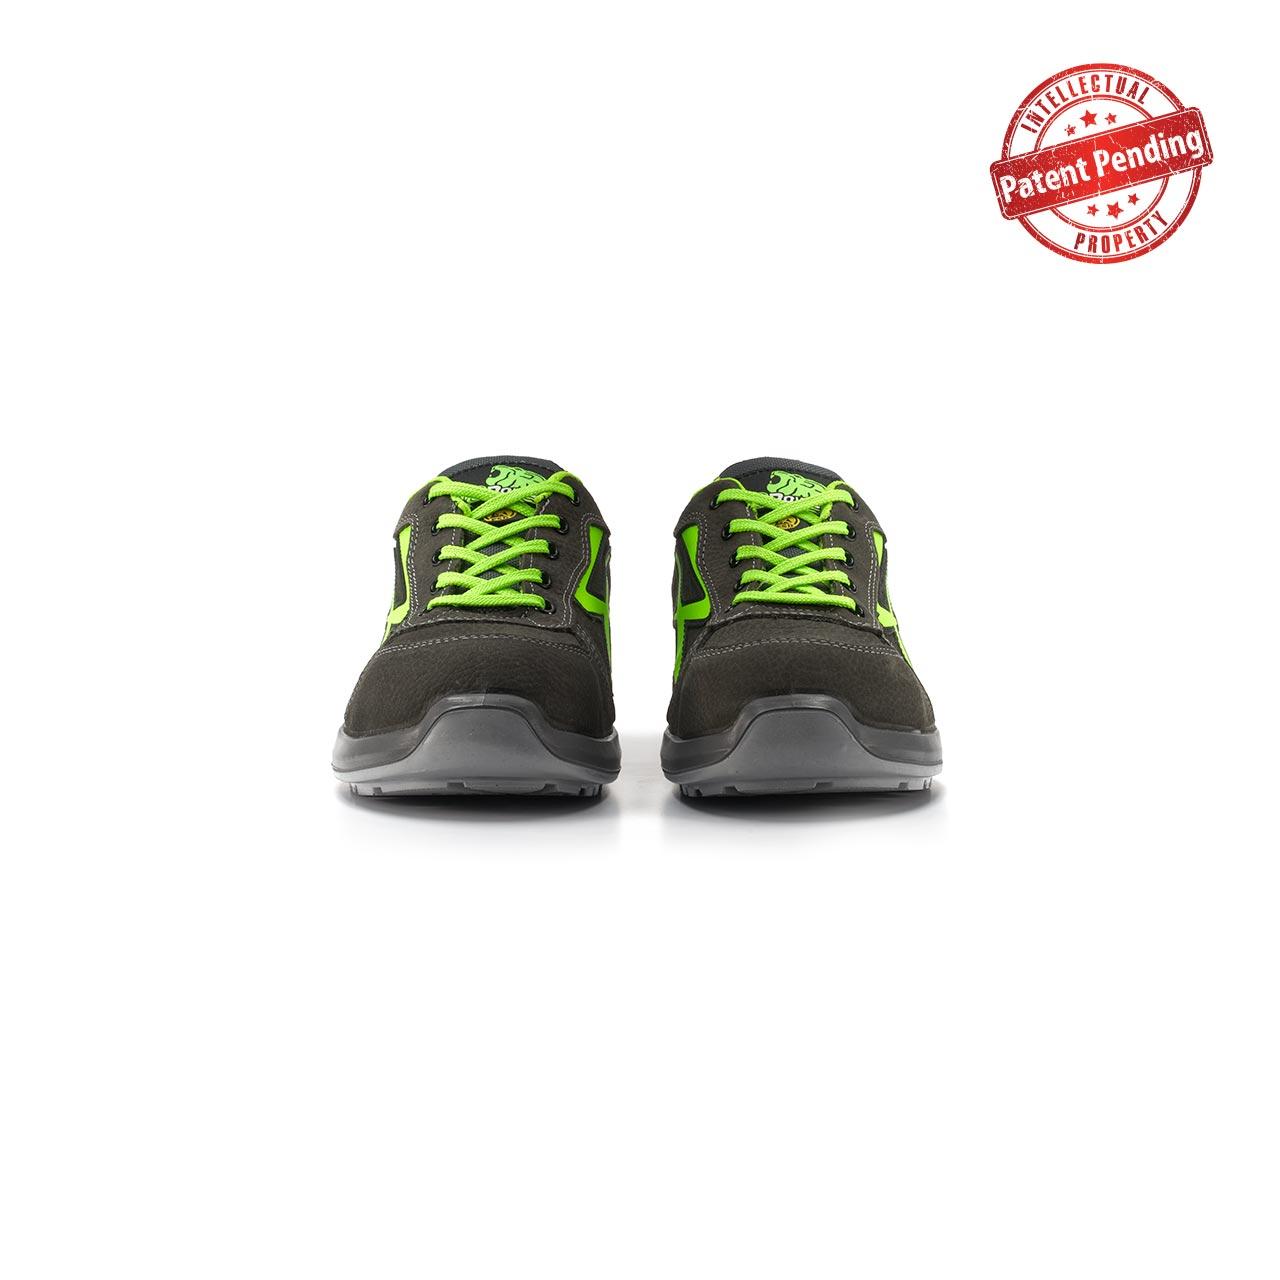 paio di scarpe antinfortunistiche upower modello hydra linea redup vista frontale